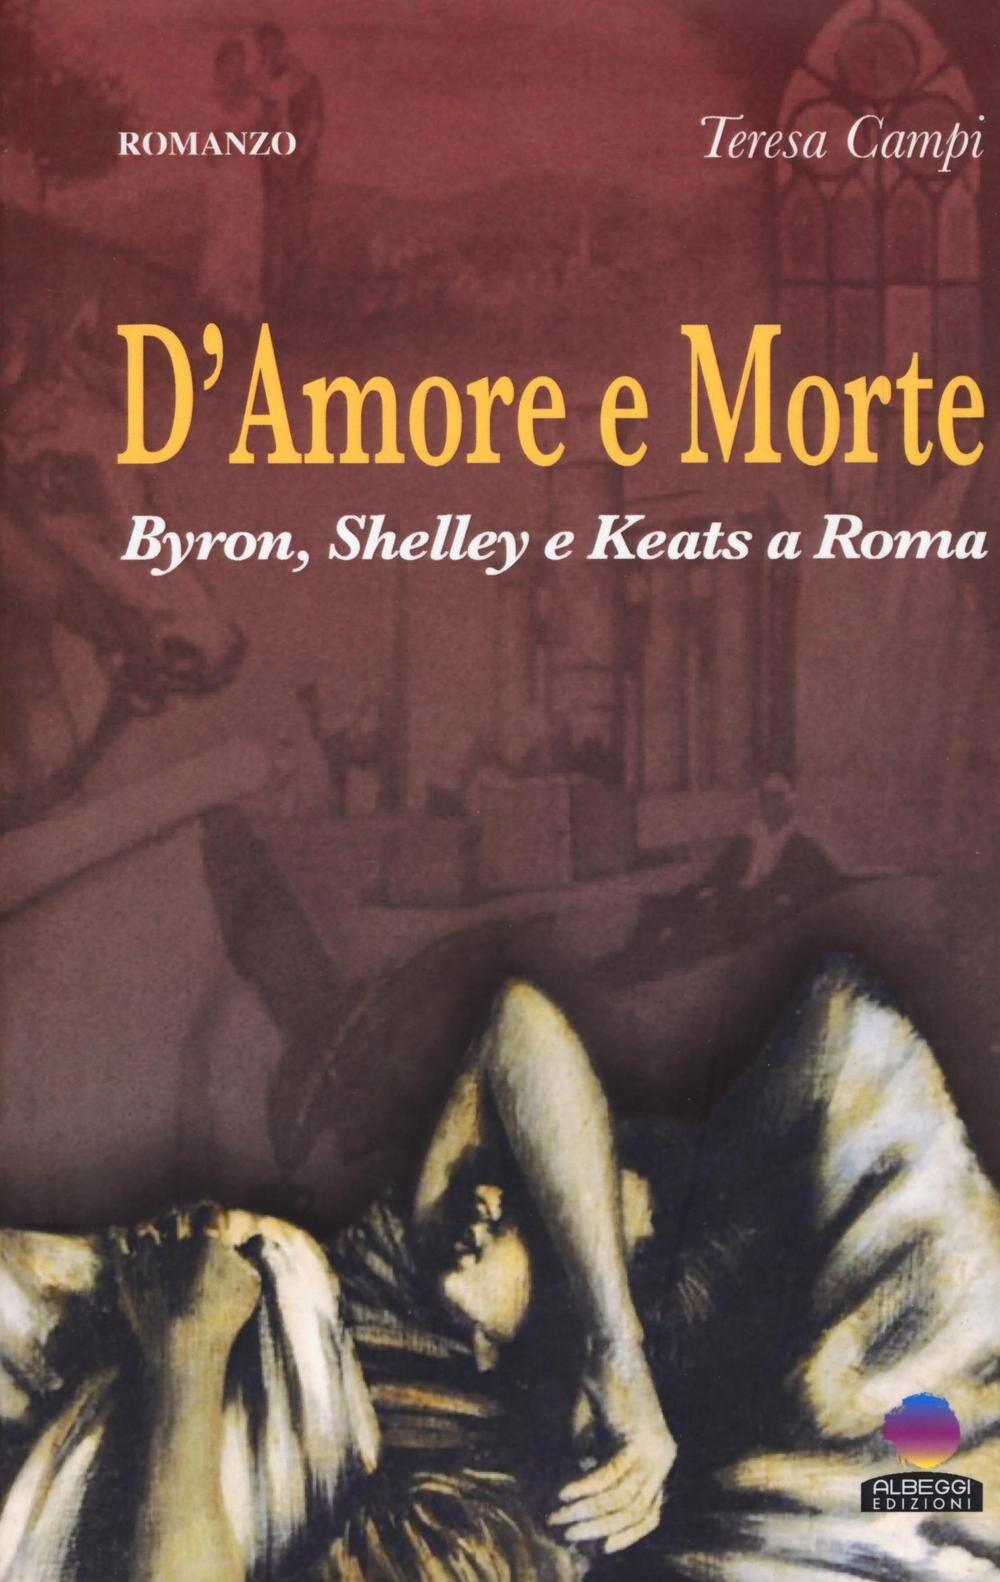 D'amore e morte. Byron, Shelley e Keats a Roma